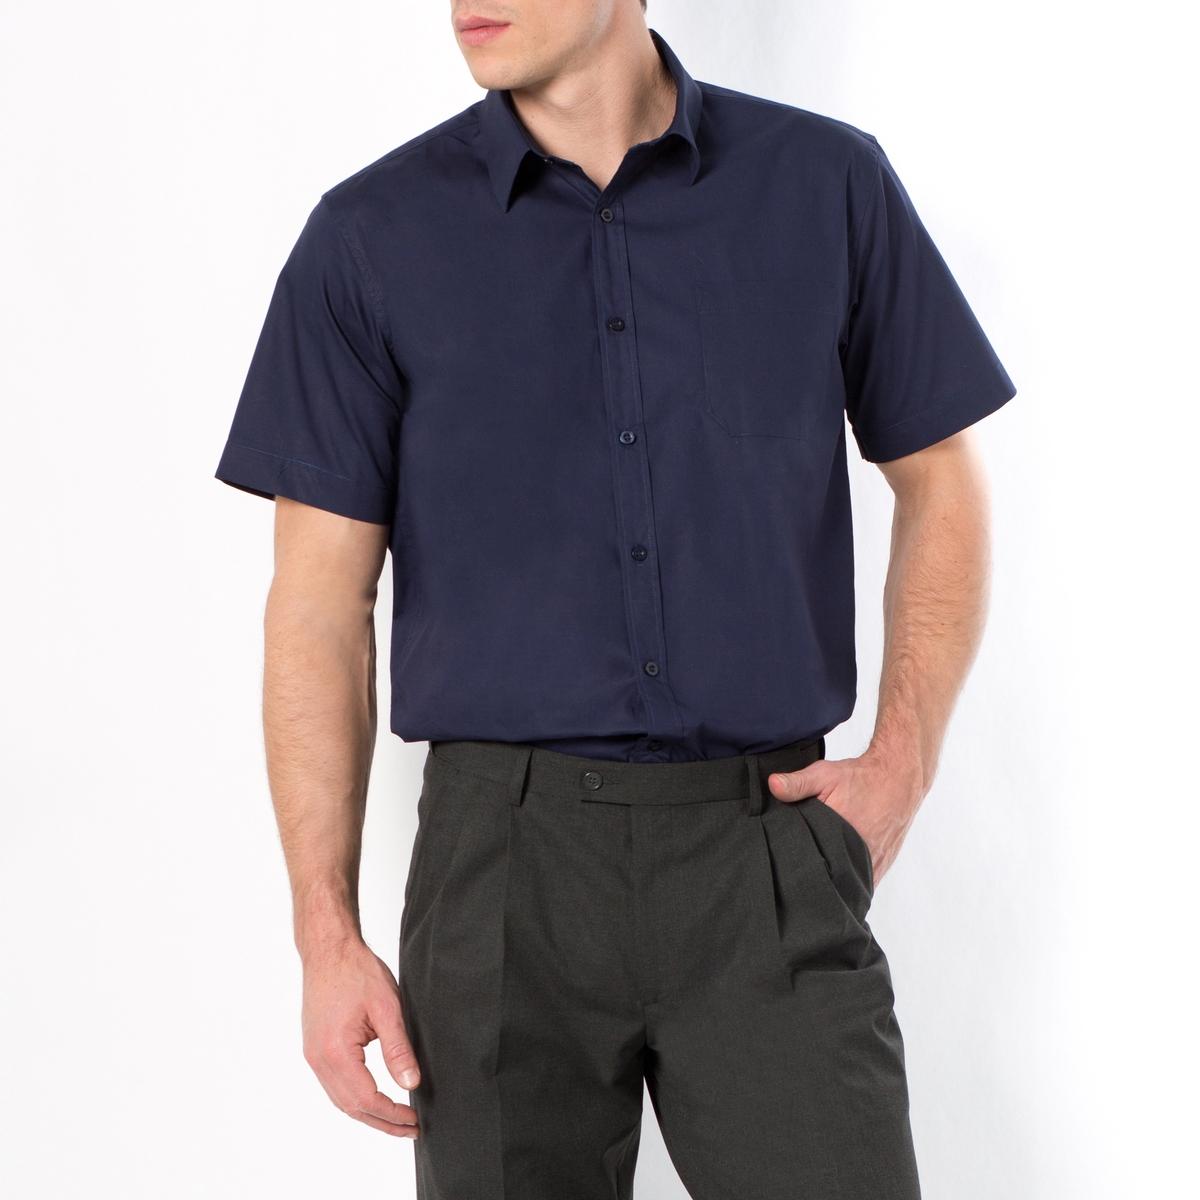 Рубашка из поплина с короткими рукавами, рост 1 и 2Рубашка с короткими рукавами, рост 1 и 2. 1 накладной нагрудный карман. Складка с полоской ткани на спинке. Из поплина, 100% хлопок. Рост 1 и 2 (при росте до 187 см) : Рост 1 и 2 (при росте до 187 см) :  - длина рубашки спереди 85 см для размера 41/42 и 92 см для размера 55/56.- длина рукавов 24 см для размера 41/42 и 27,5 см для размера 55/56Данная модель представлена также для роста 3 (при росте от 187 см) и с длинными рукавами.<br><br>Цвет: белый,голубой,черный<br>Размер: 41/42.43/44.47/48.51/52.53/54.47/48.53/54.49/50